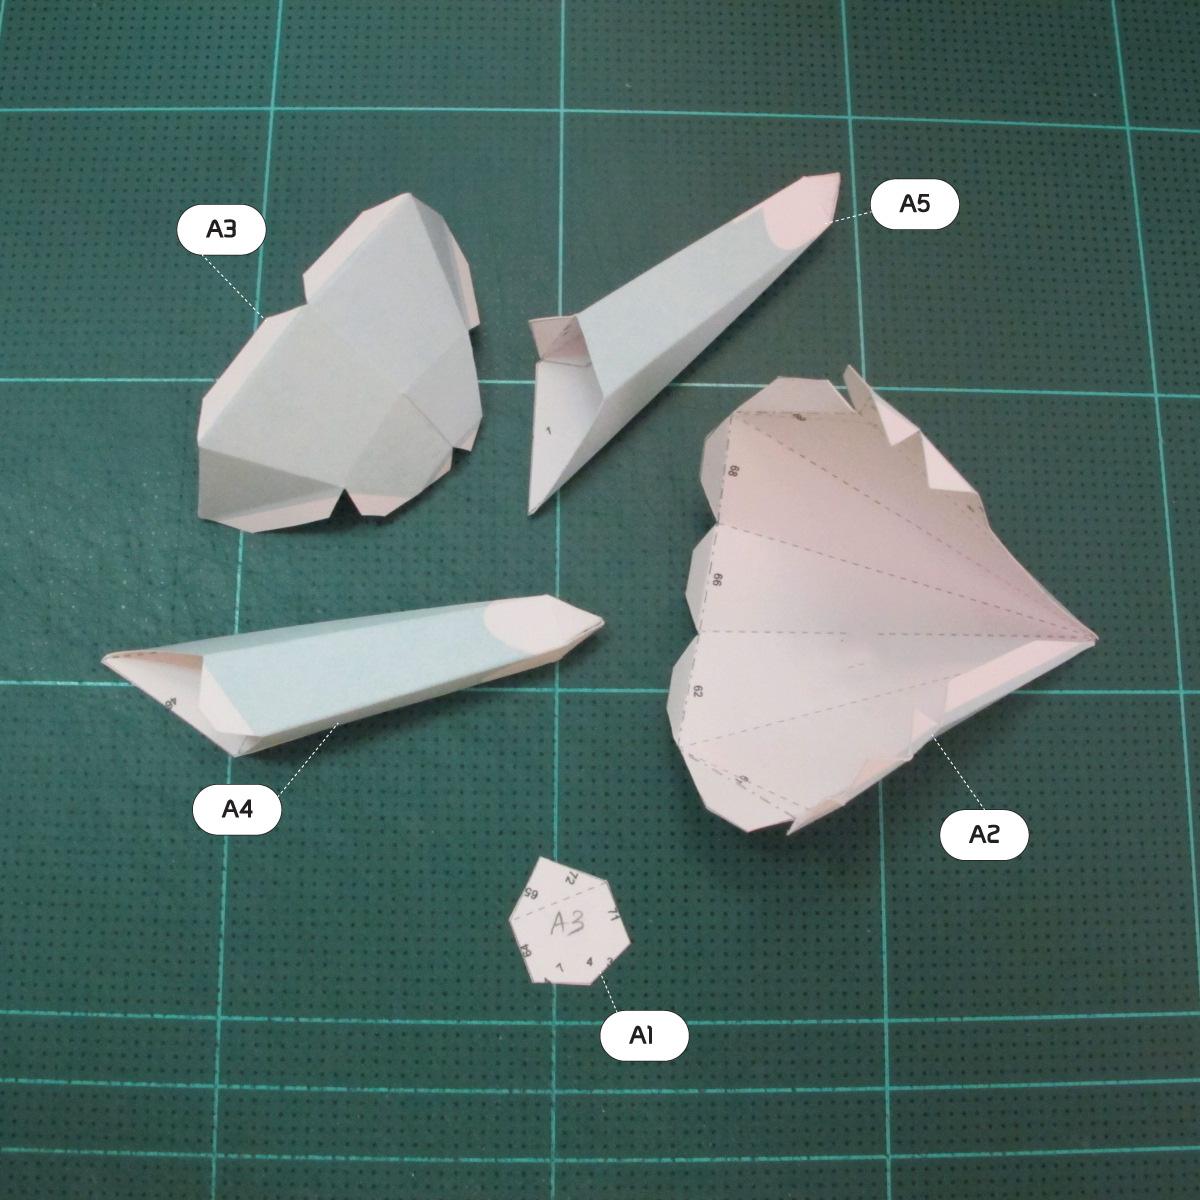 วิธีทำโมเดลกระดาษคุกกี้รันจิ้งจอกเก้าหางในร่างหมาจิ้งจอก (Cookie Run Ninetails Fox Form Papercraft Model) 003